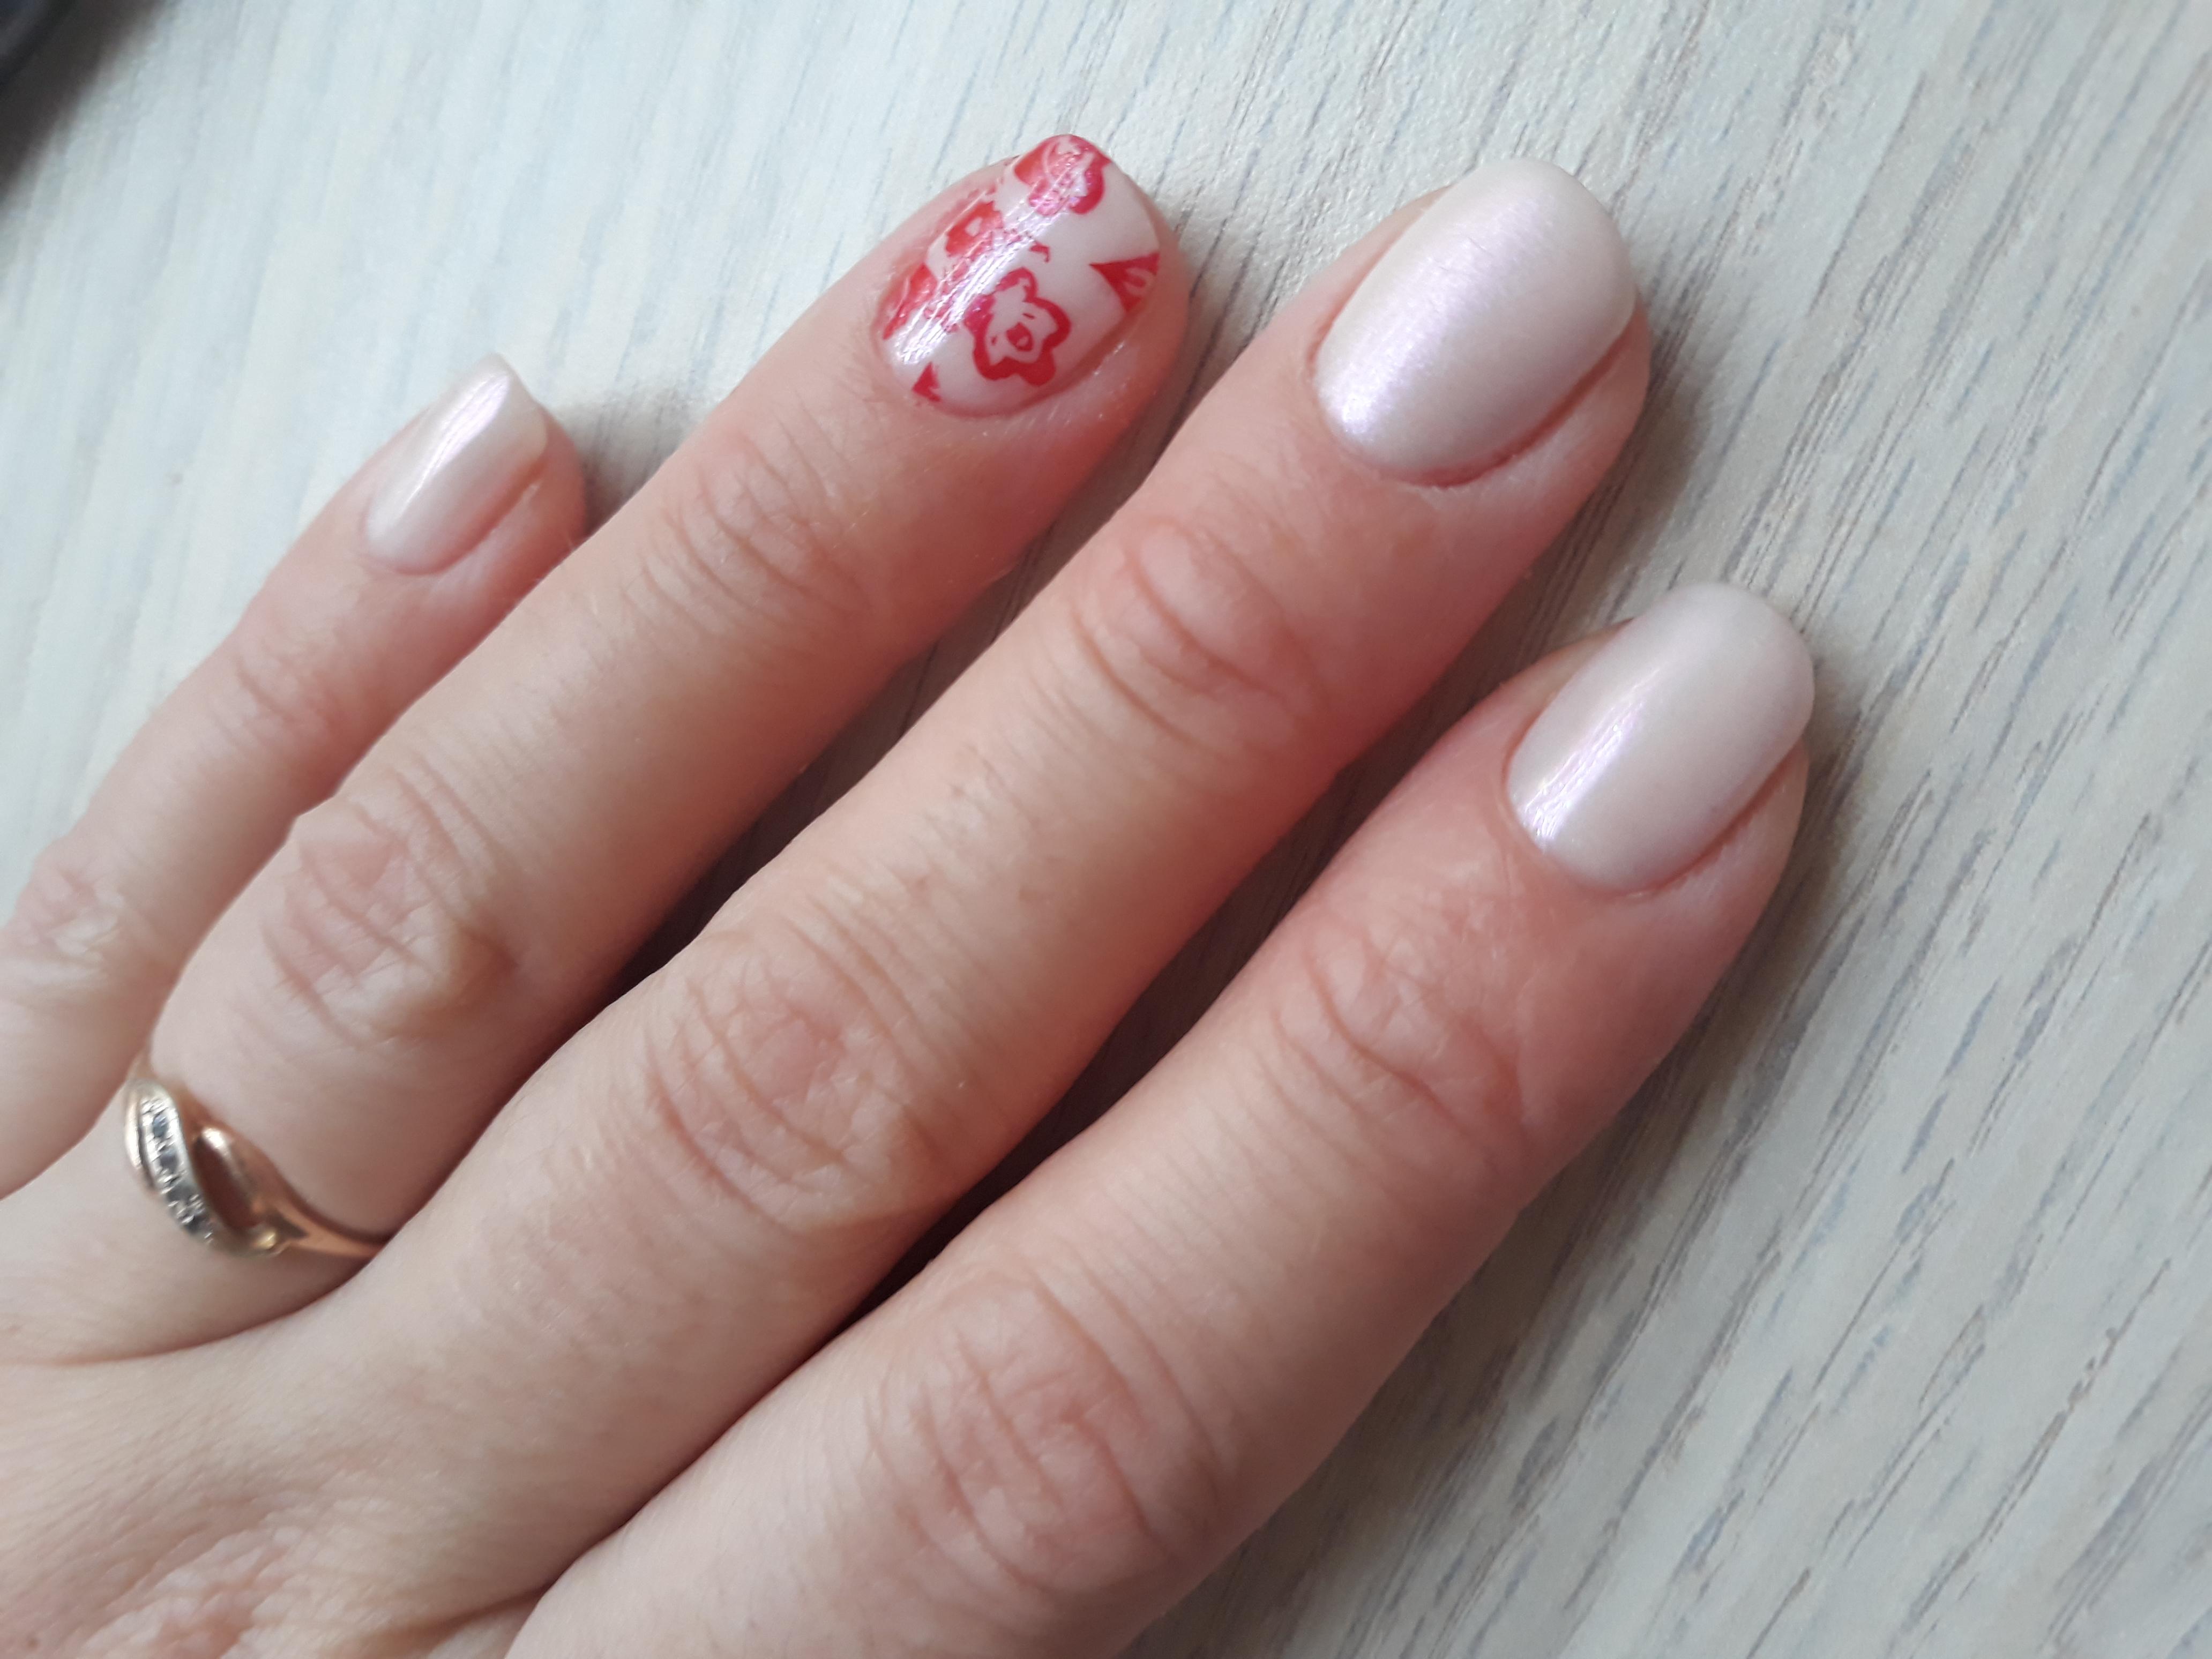 Перламутровый маникюр в молочном цвете с красными слайдерами.